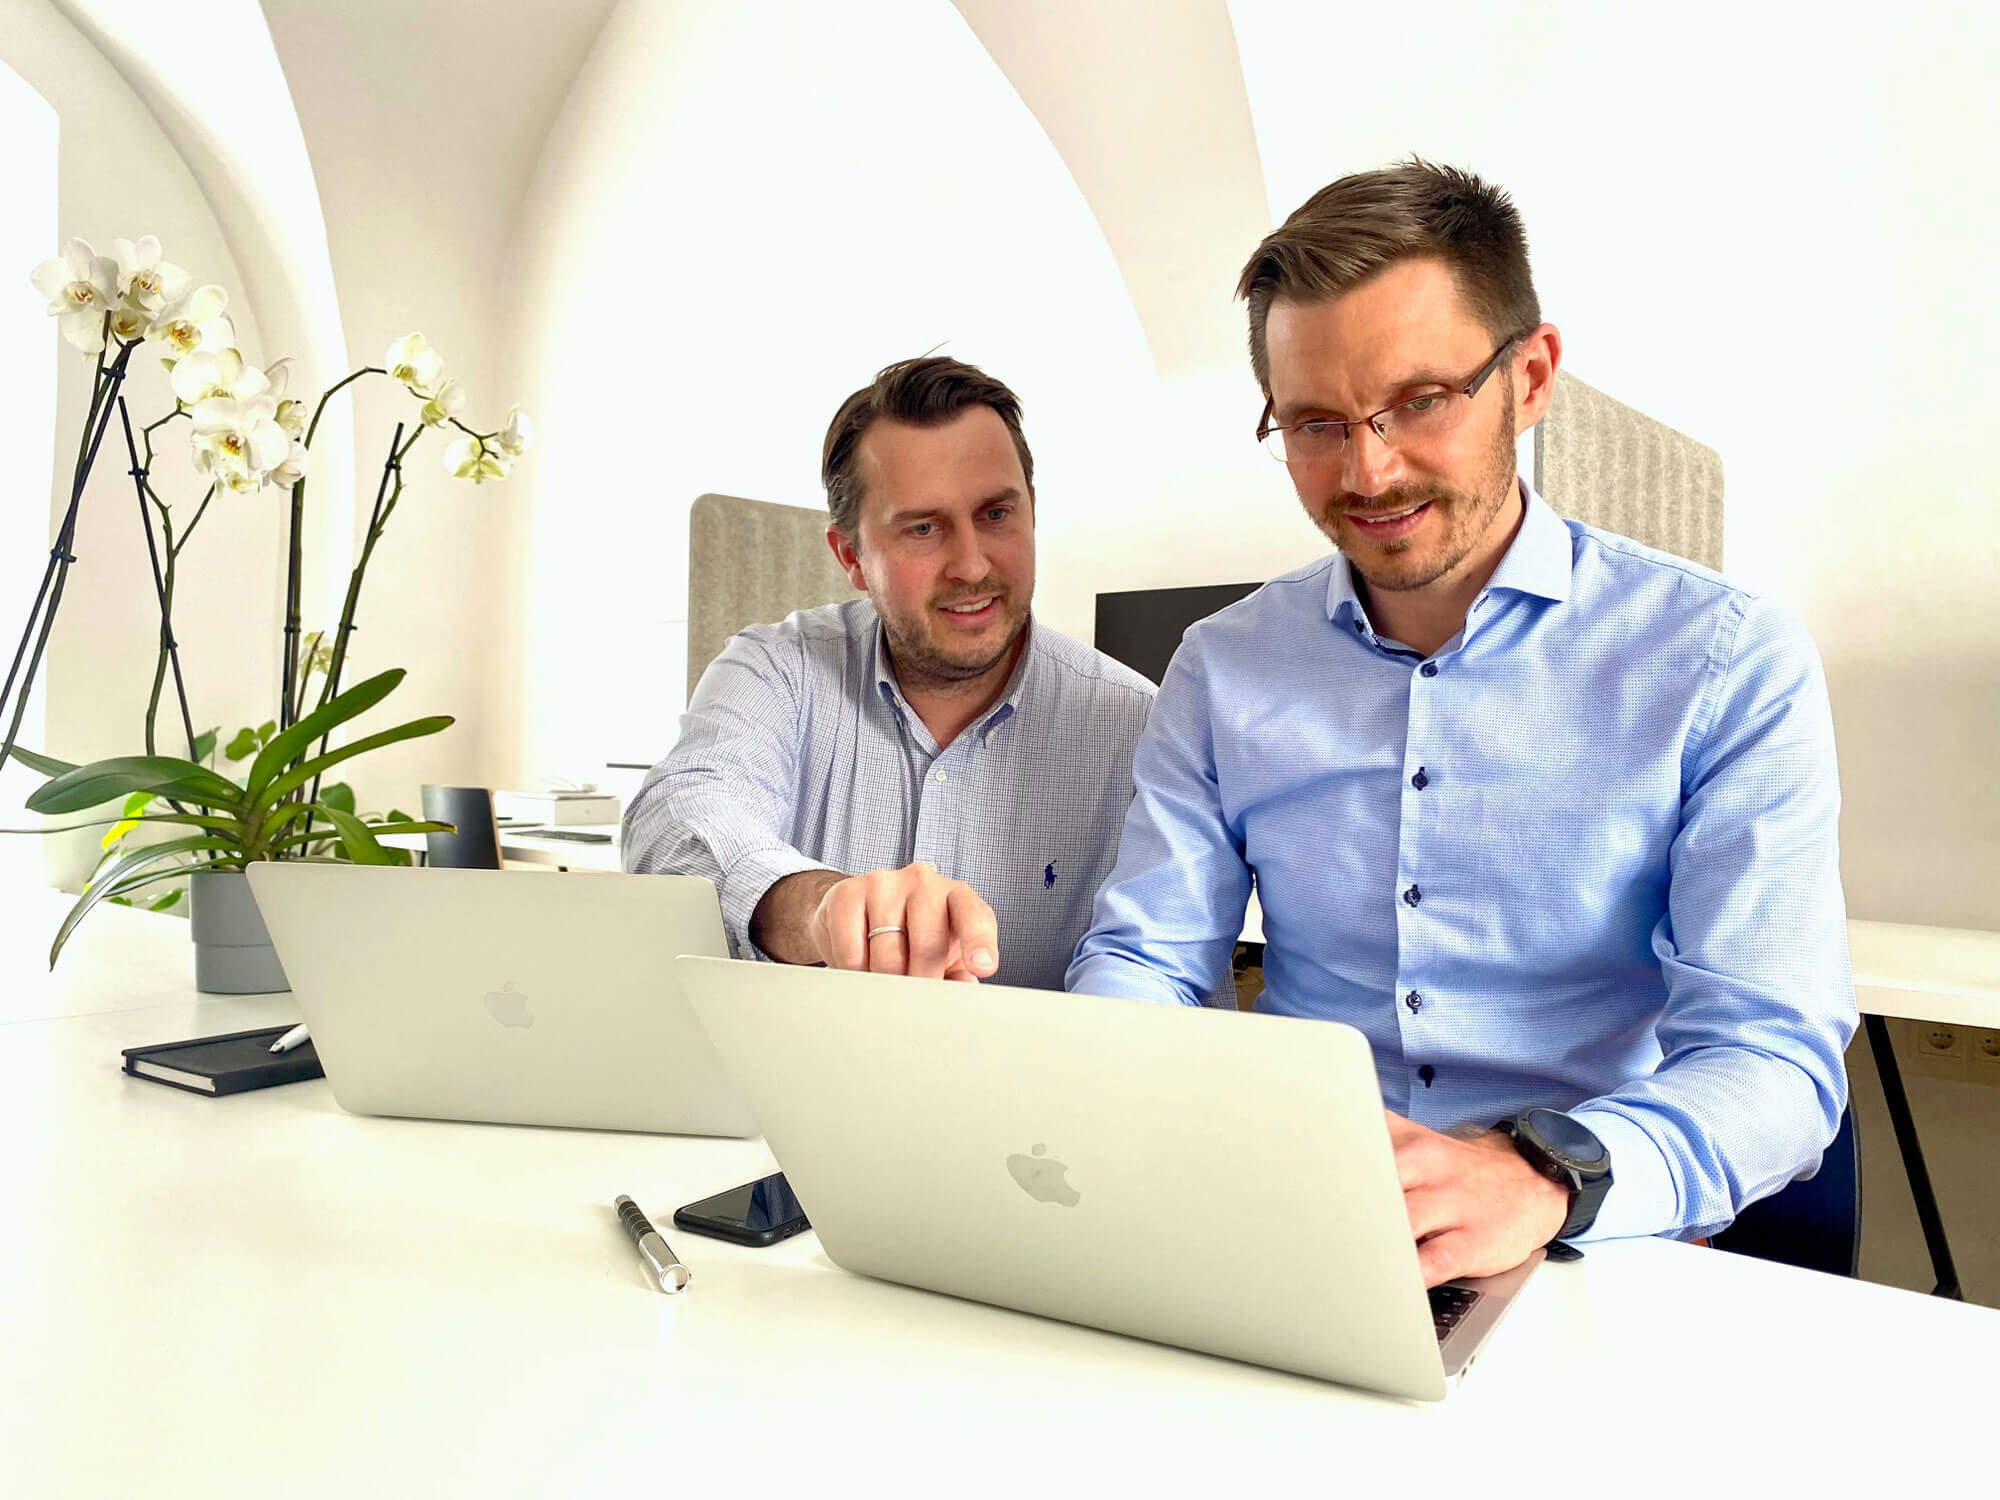 Die Geschäftsführer von Smart Energy Thomas Kircher (r.) und Stephan Glätzle-Rützler haben sich ganz der Energie- und Netzkostenoptimierung verschrieben.